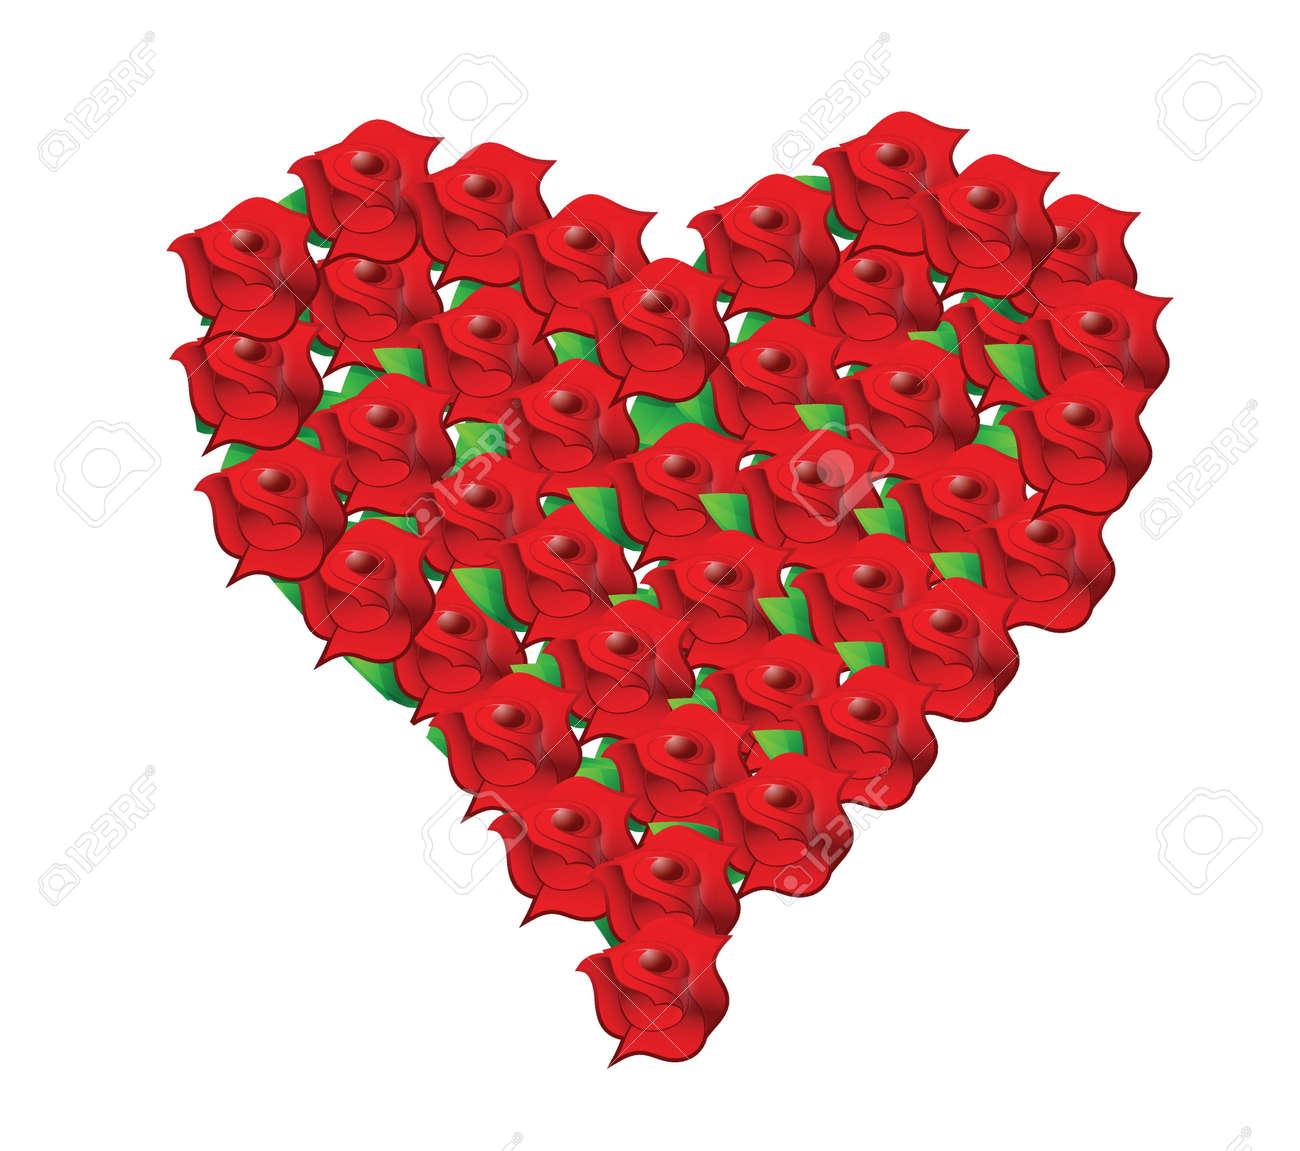 Herz Rote Blume Hochzeitsstrauss Illustration Design In Weiss